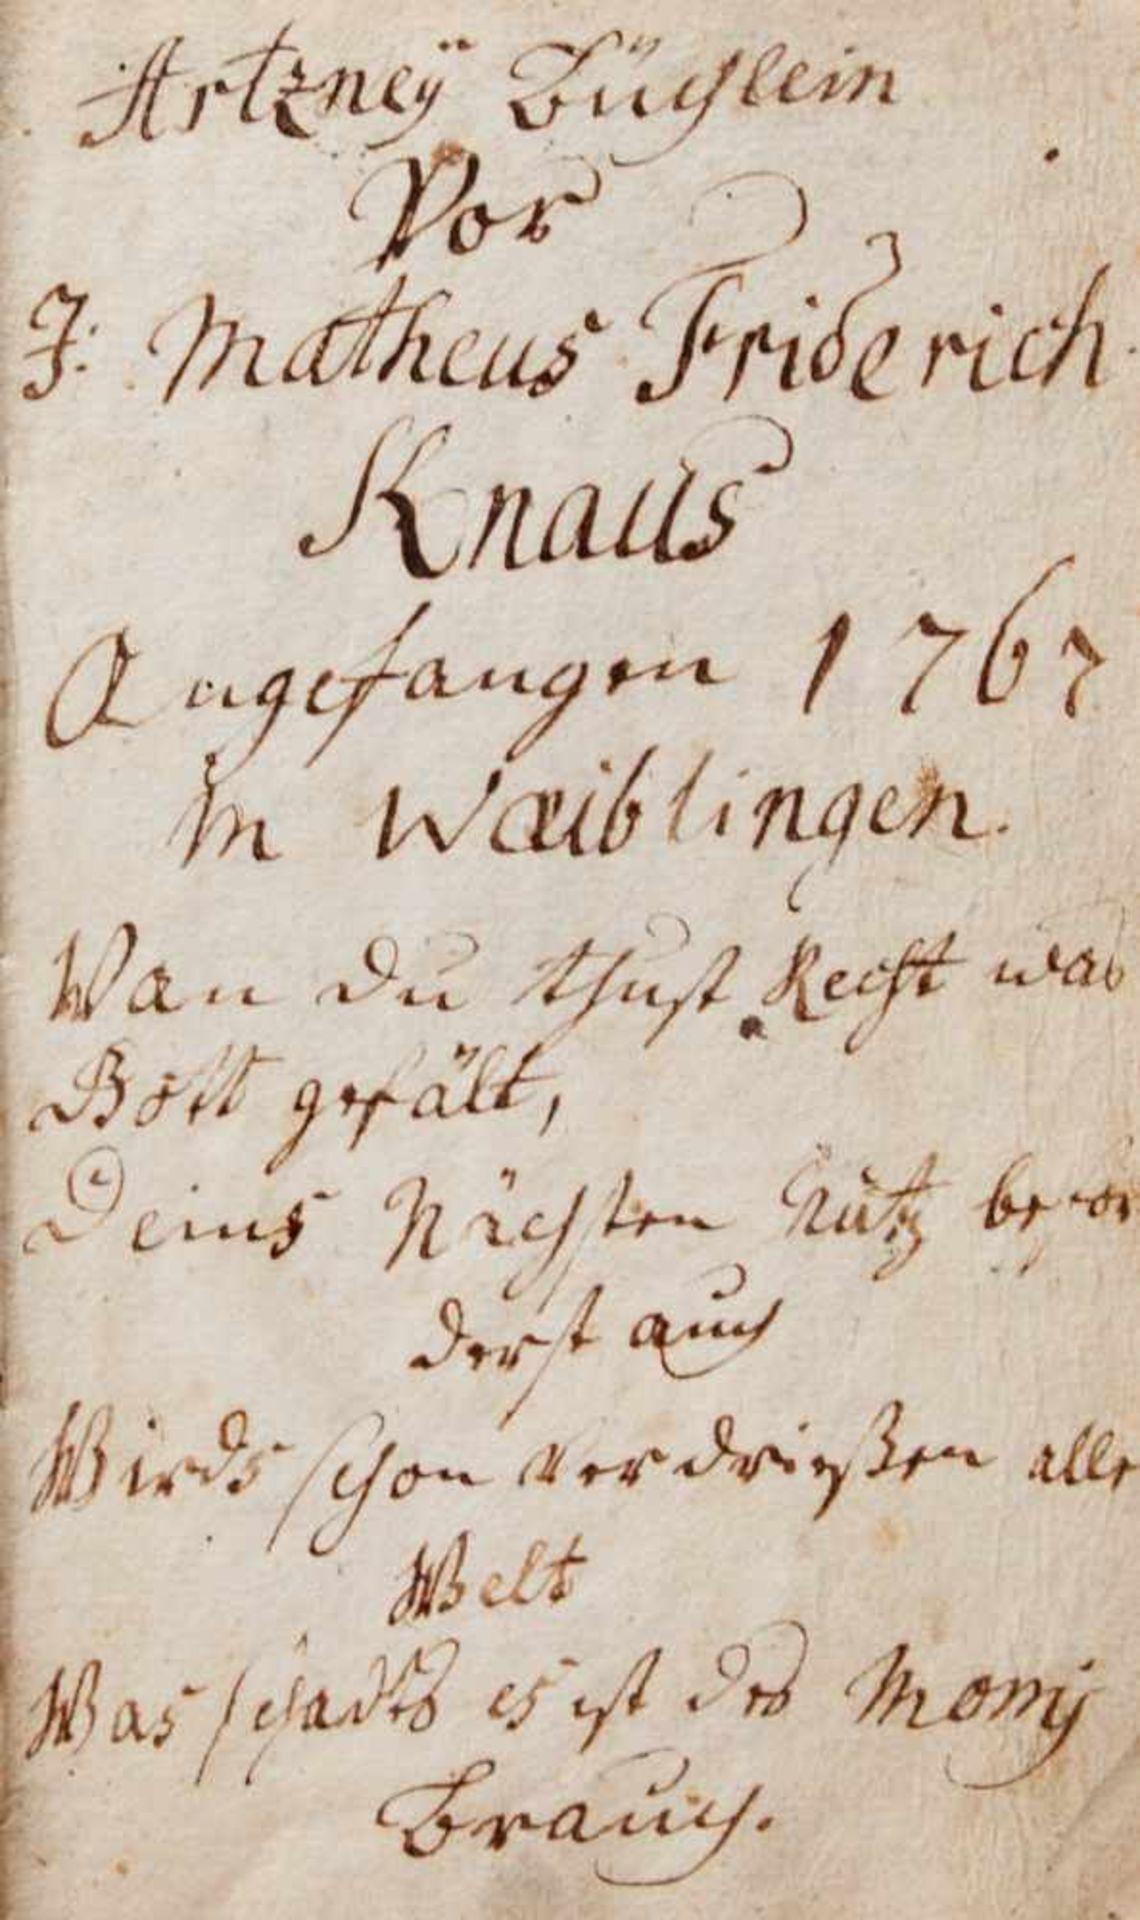 """""""Artzney Büchlein vor J. Matheus Friderich Knaus"""".Deutsche Handschrift auf Papier. Dat. - Bild 2 aus 4"""